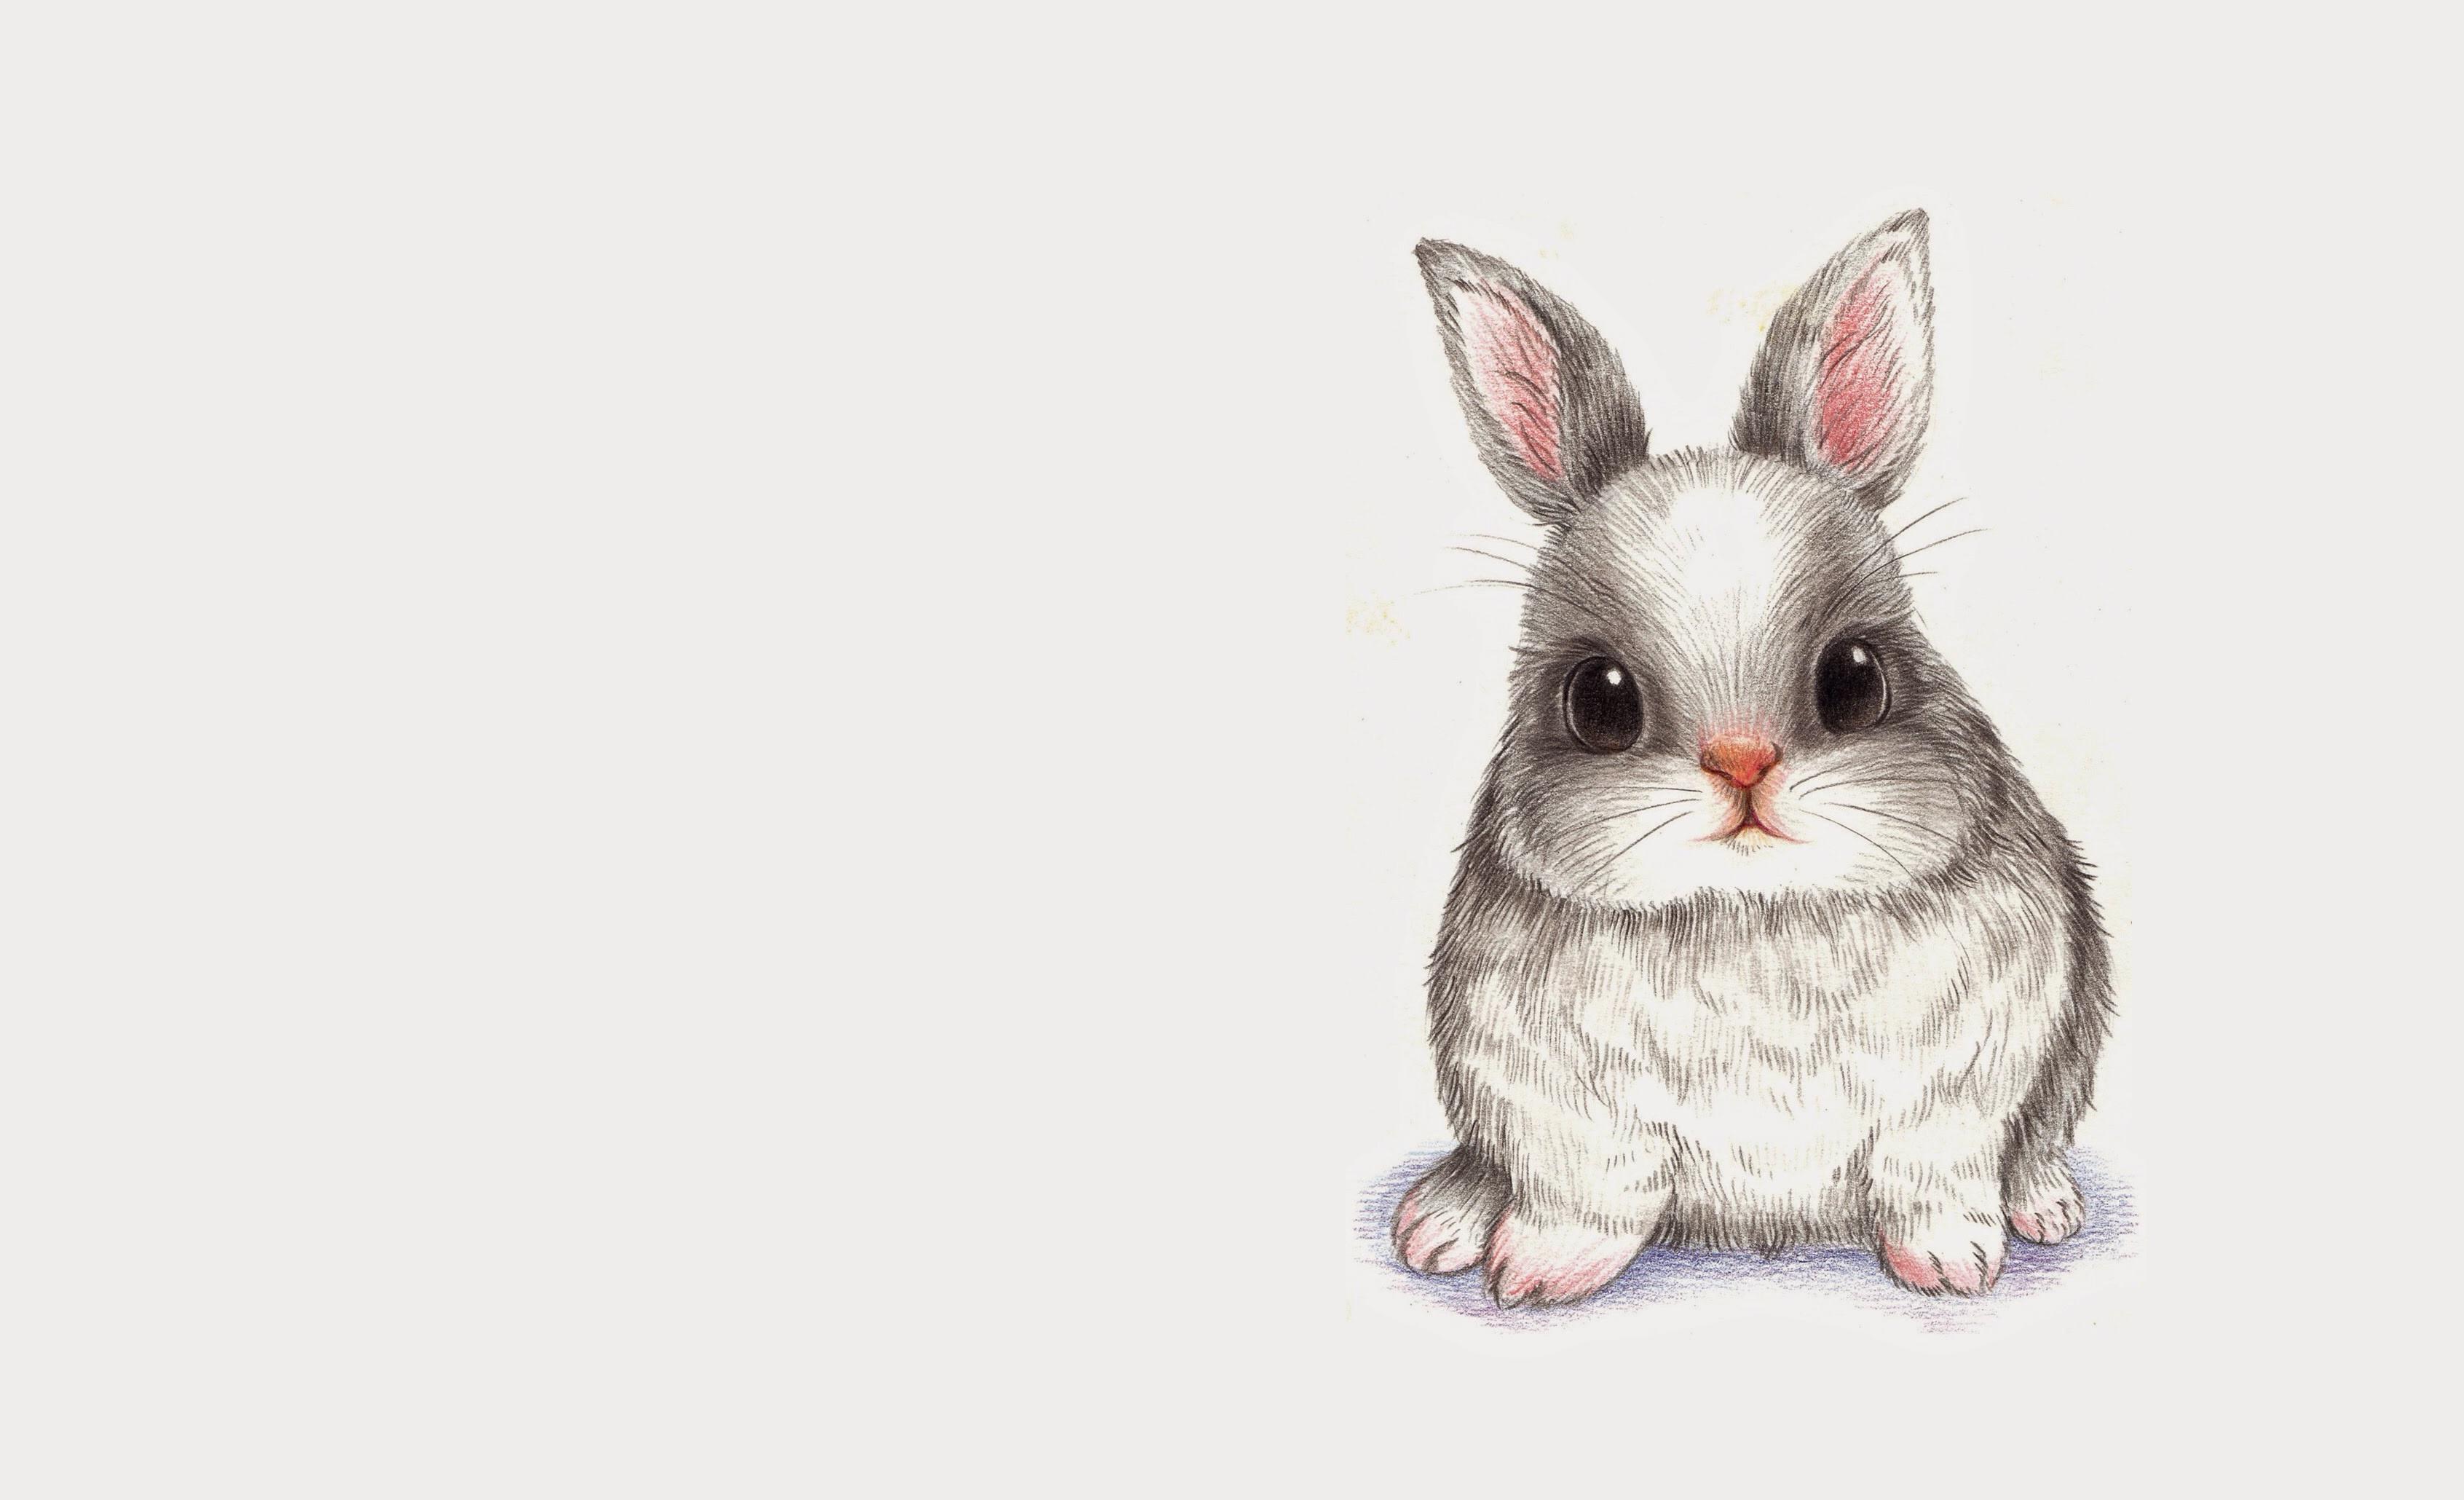 Картинка кролик нарисованная для детей